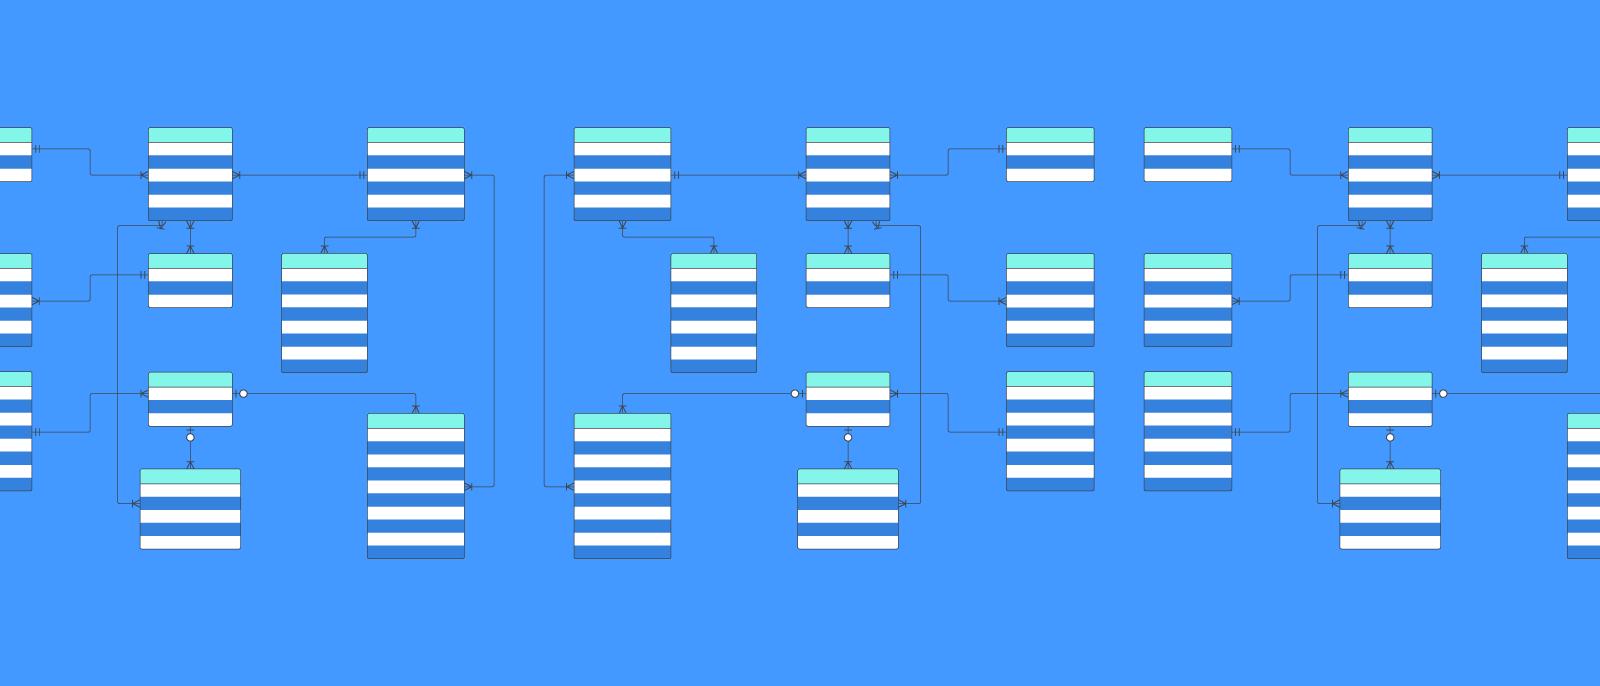 Er Diagram (Erd) - Definition & Overview | Lucidchart with regard to What Is Erd